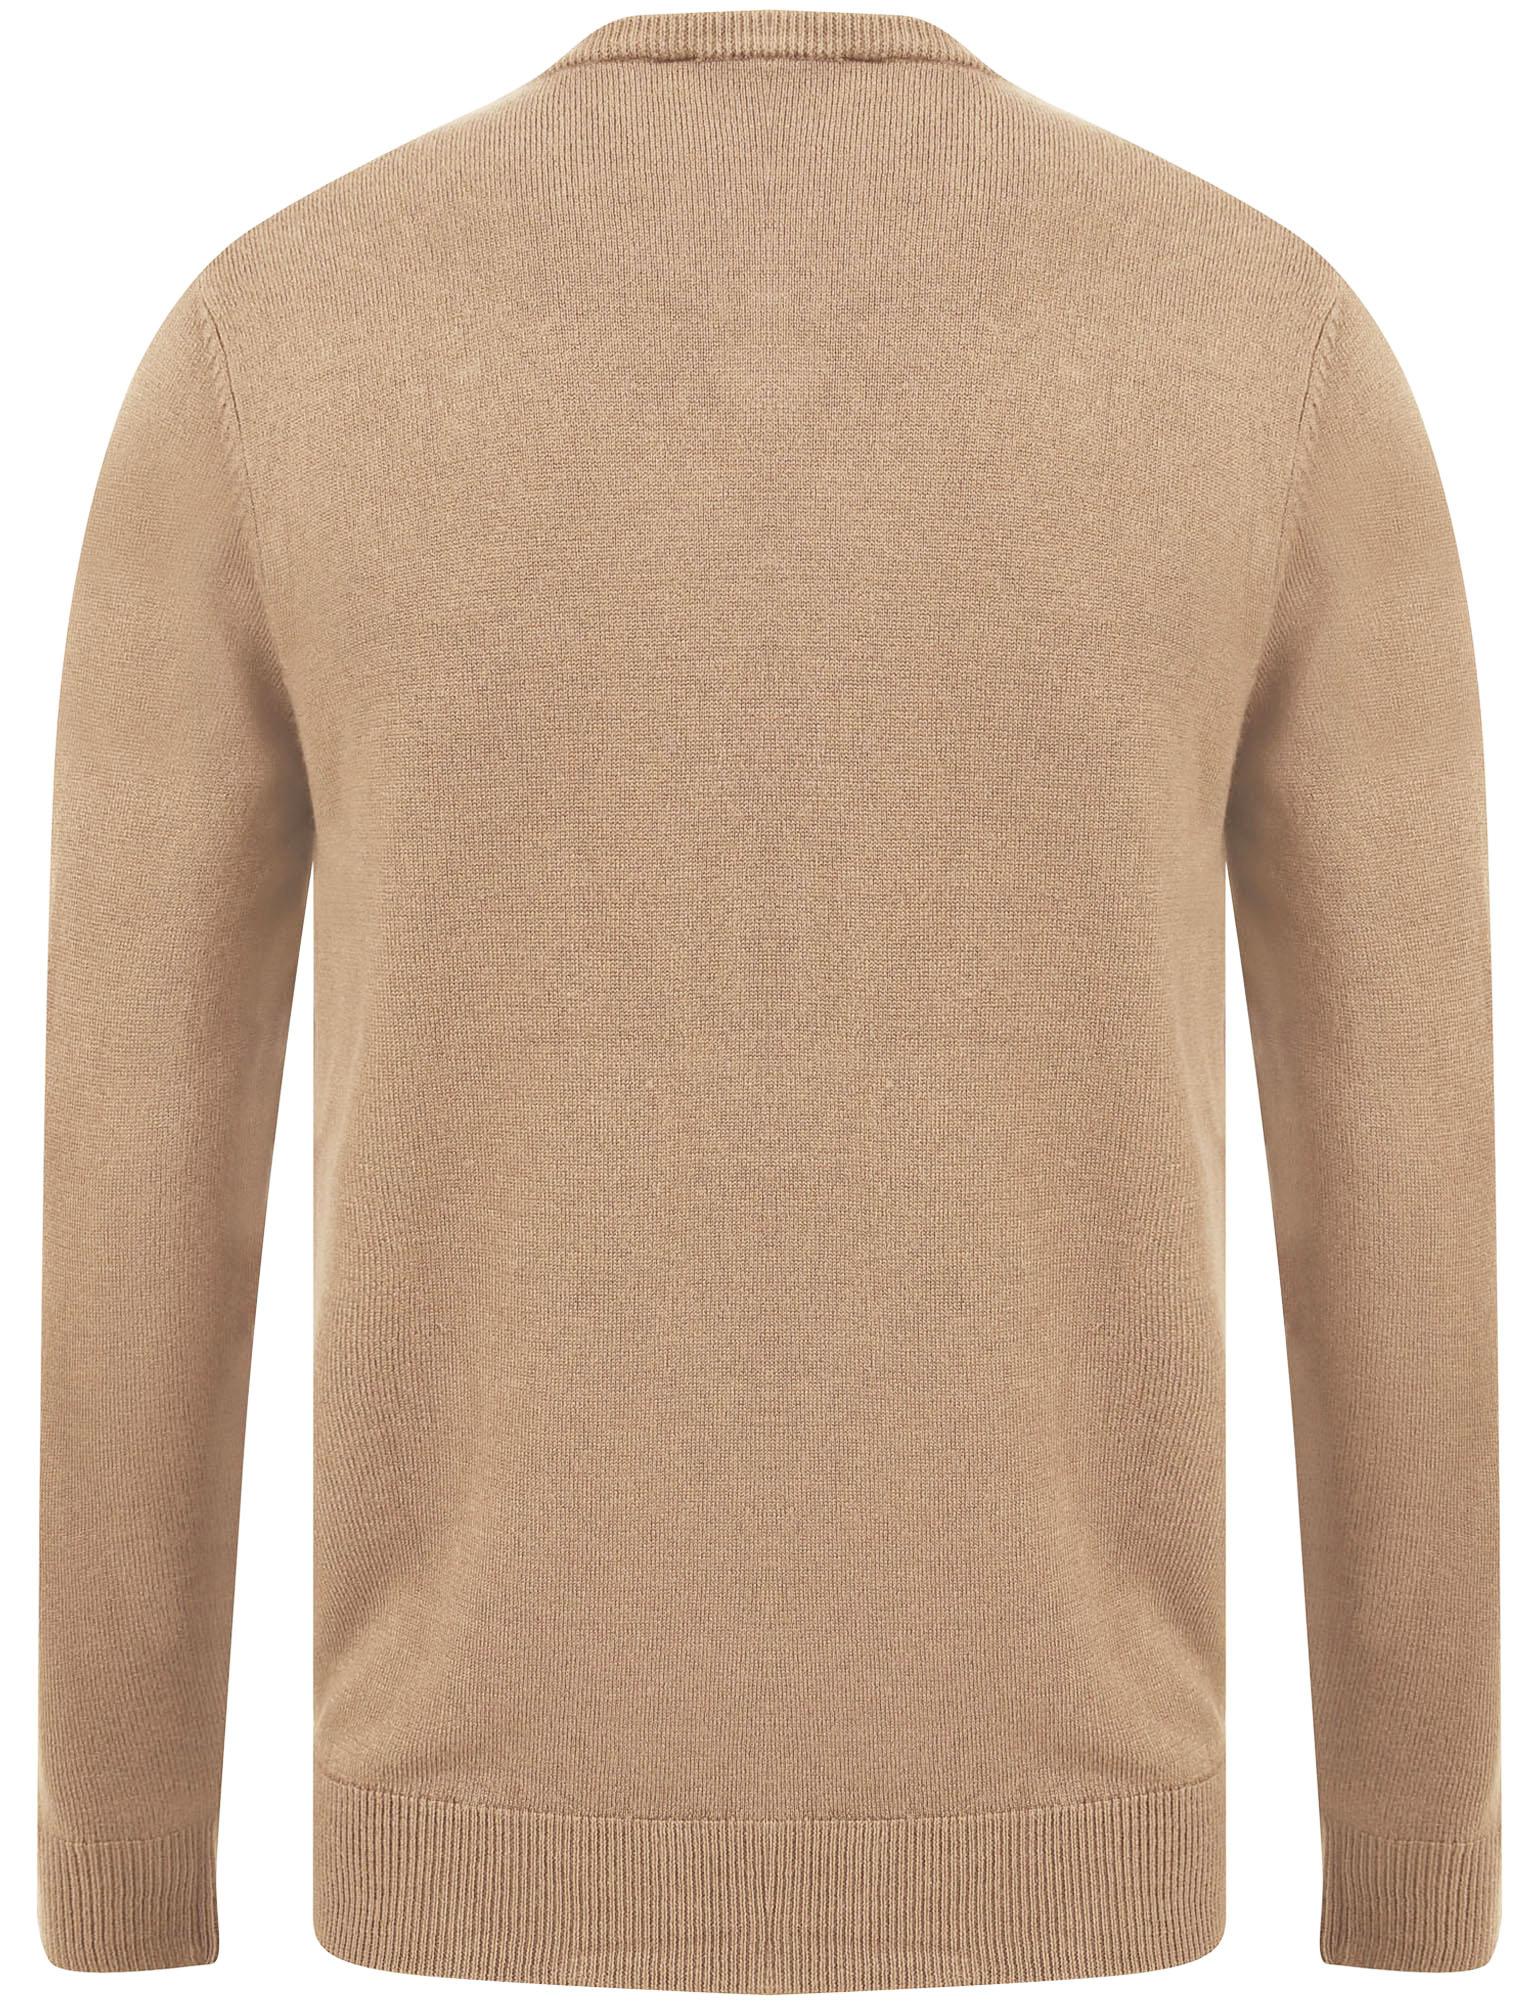 Kensington-Eastside-Men-039-s-Knitted-Crew-or-V-Neck-Jumper-Sweater-Top-Pullover thumbnail 106